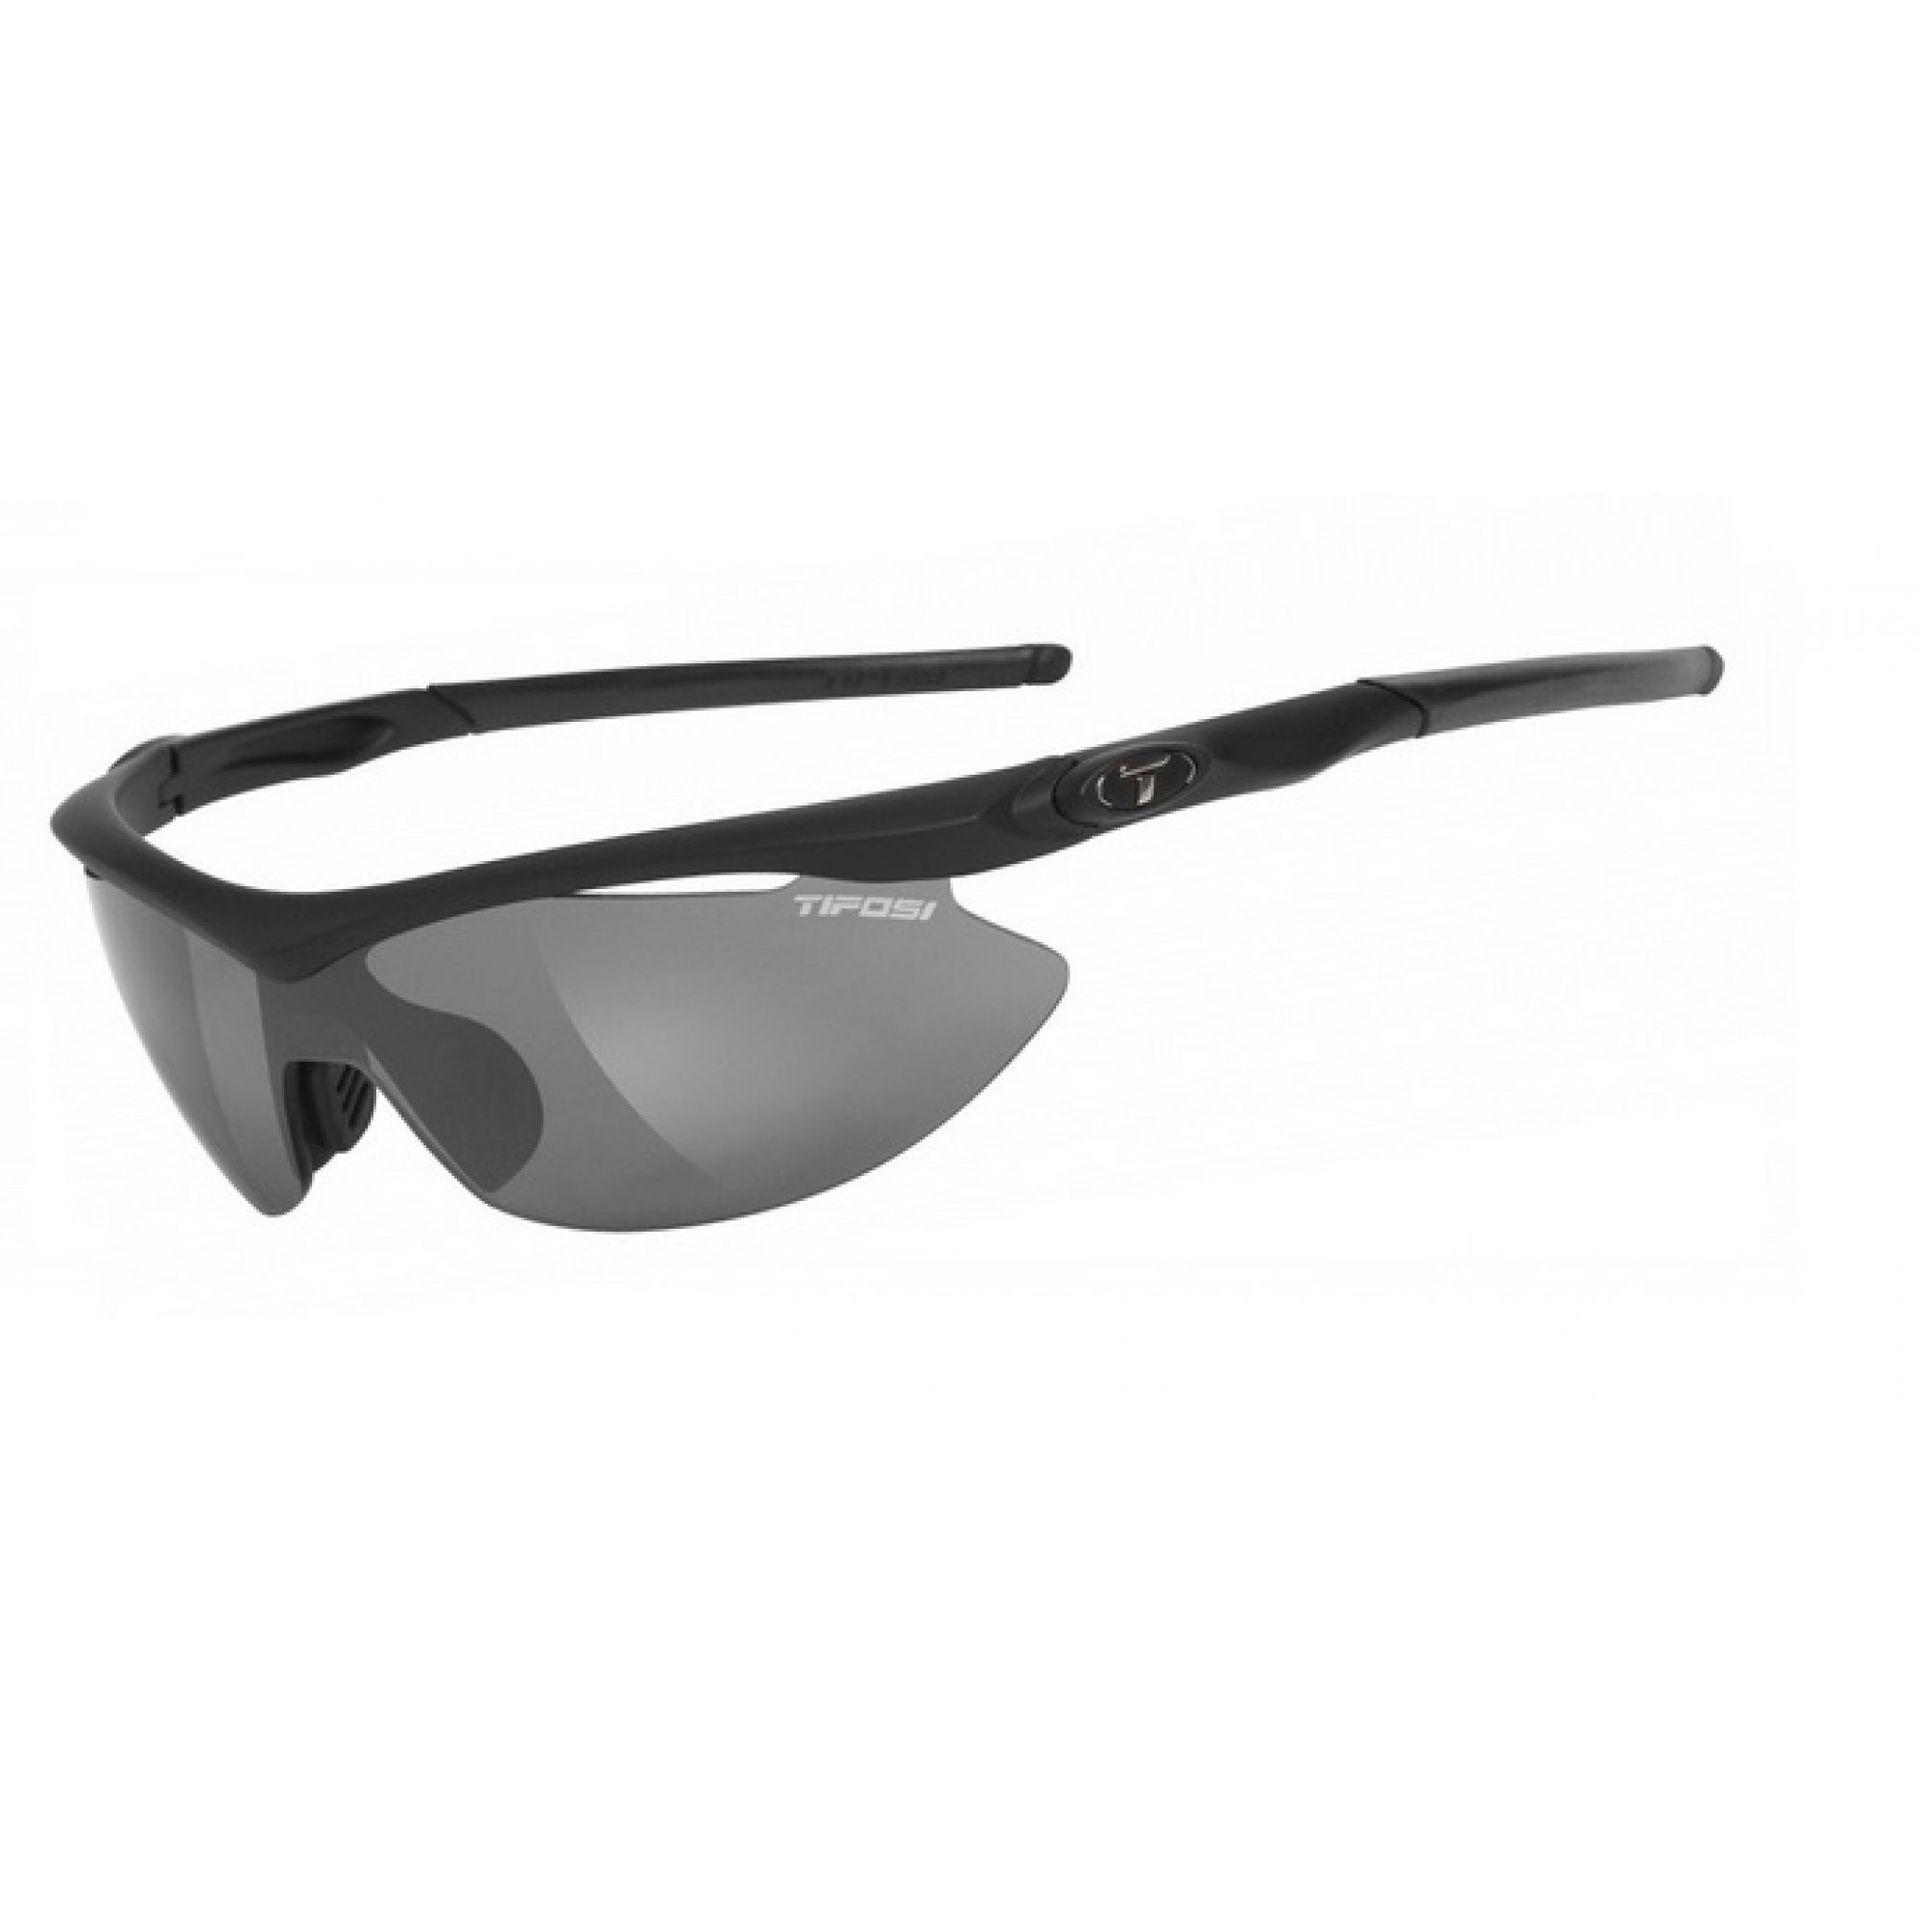 Okulary Tifosi Slip matte black